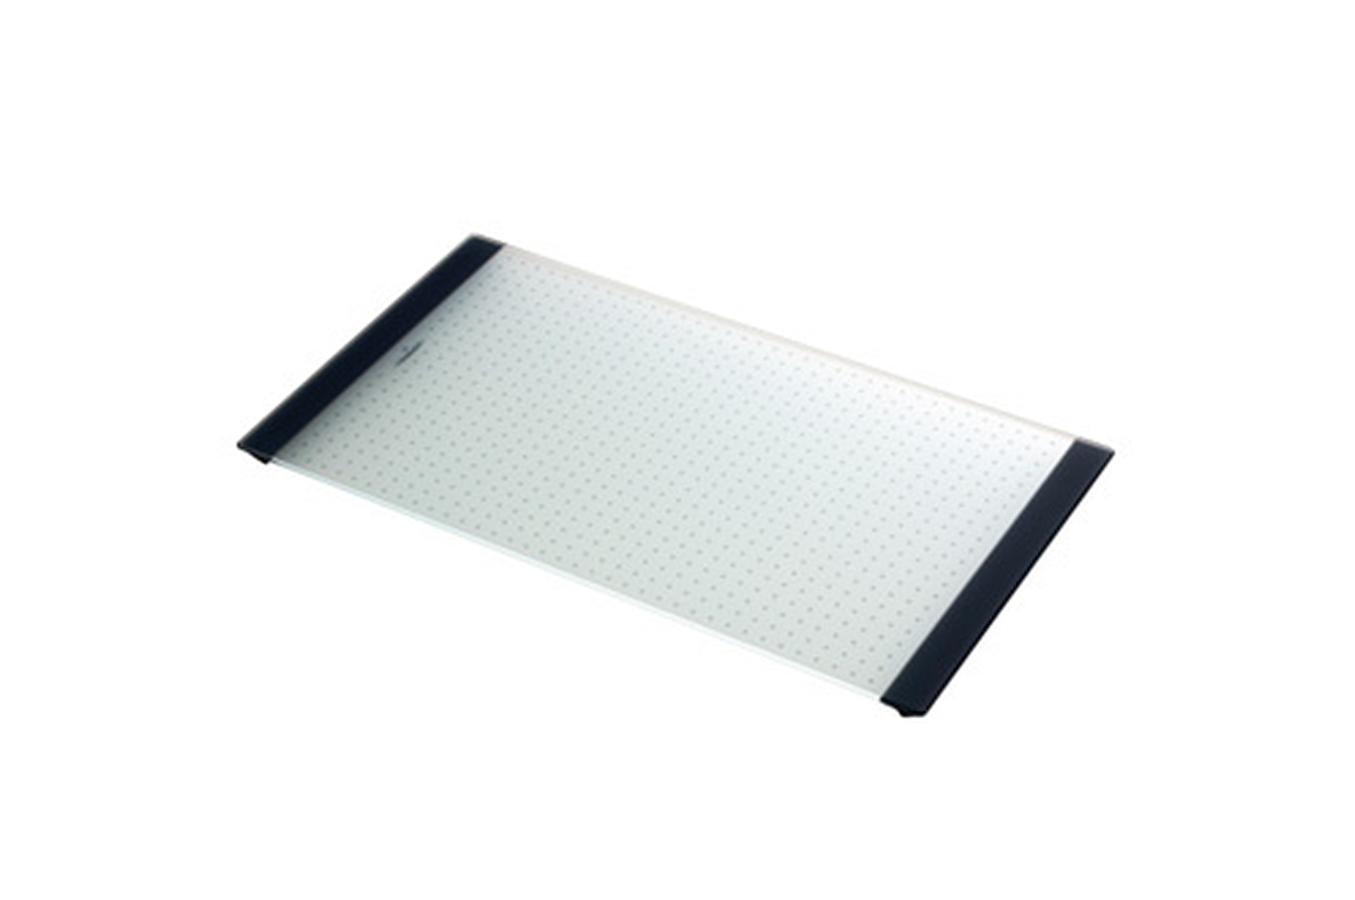 planche d couper luisina aepluv002 planche verre luisina 1306839 darty. Black Bedroom Furniture Sets. Home Design Ideas